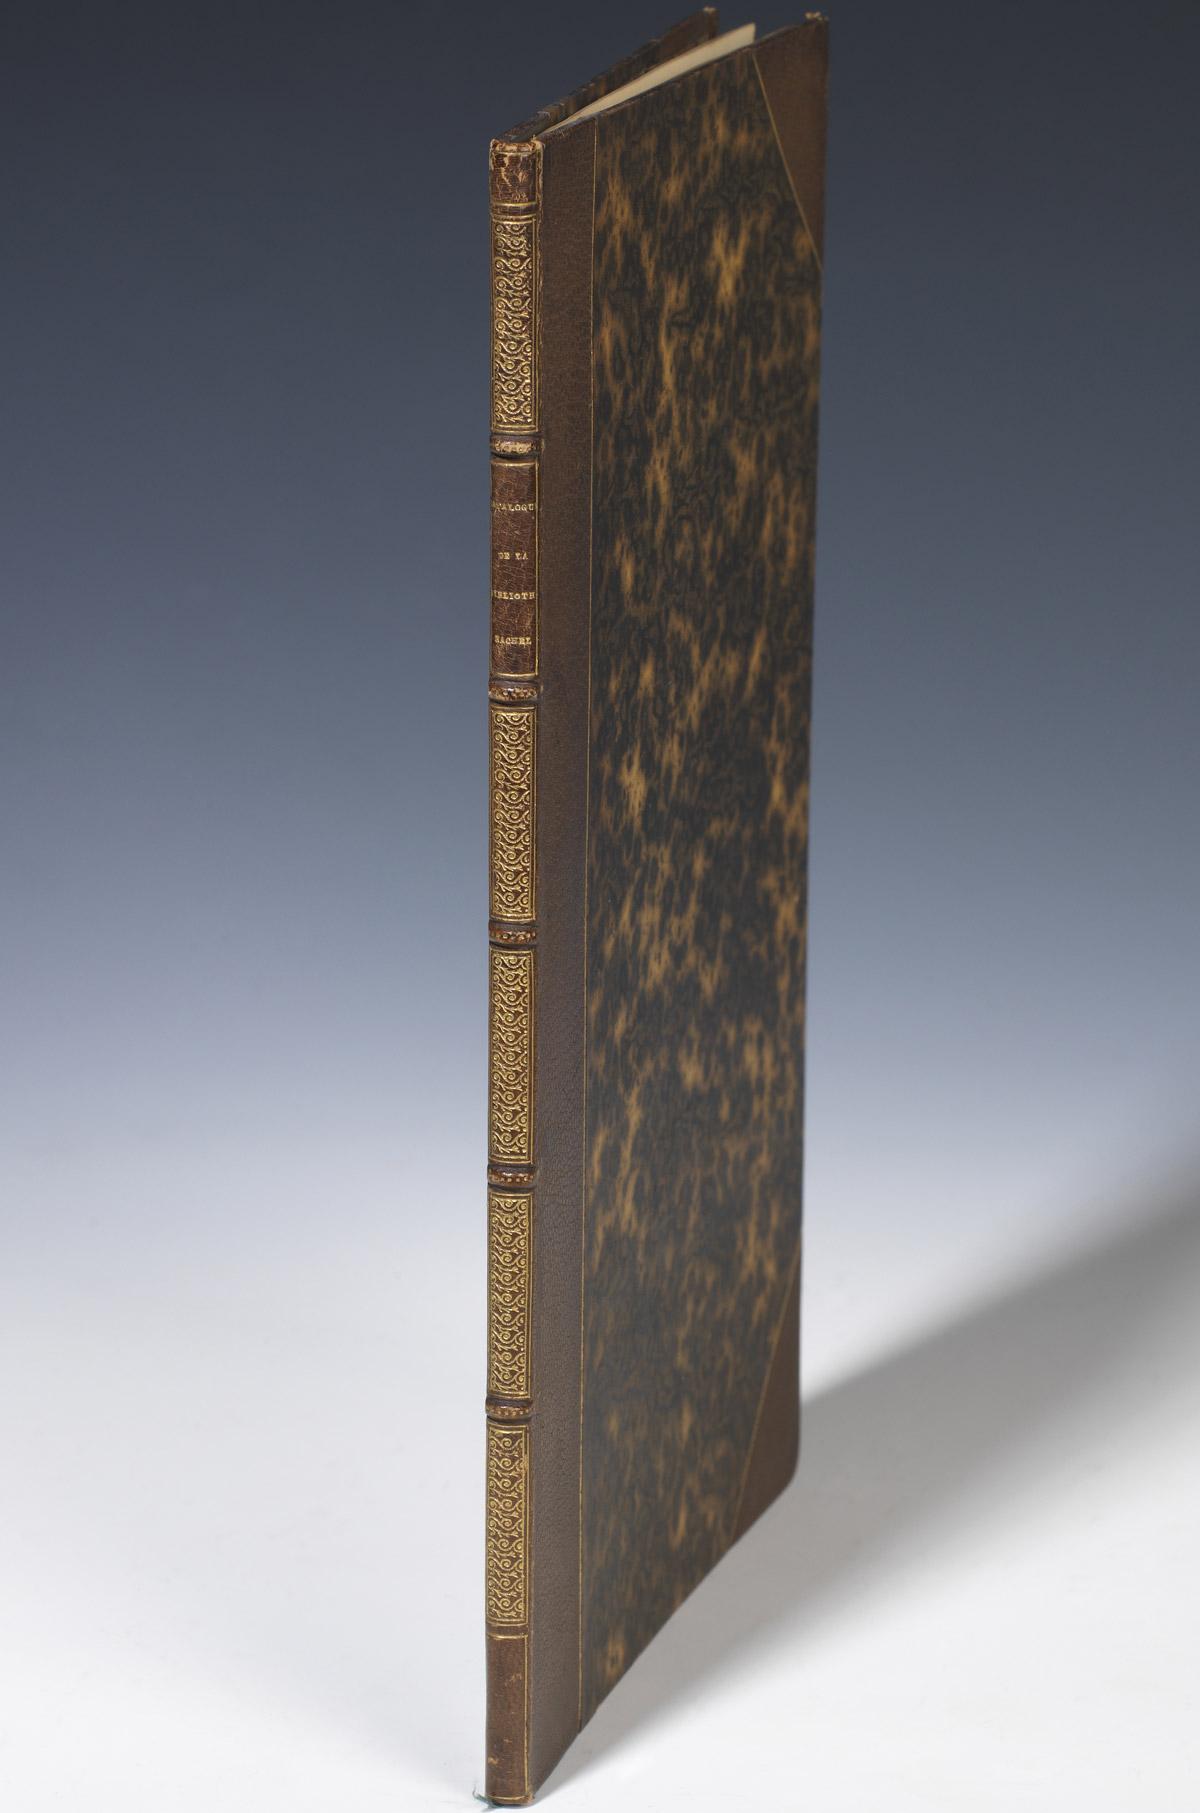 Catalogue de la bibliothèque de Rachel - Patrimoine Charles-André COLONNA WALEWSKI, en ligne directe de Napoléon